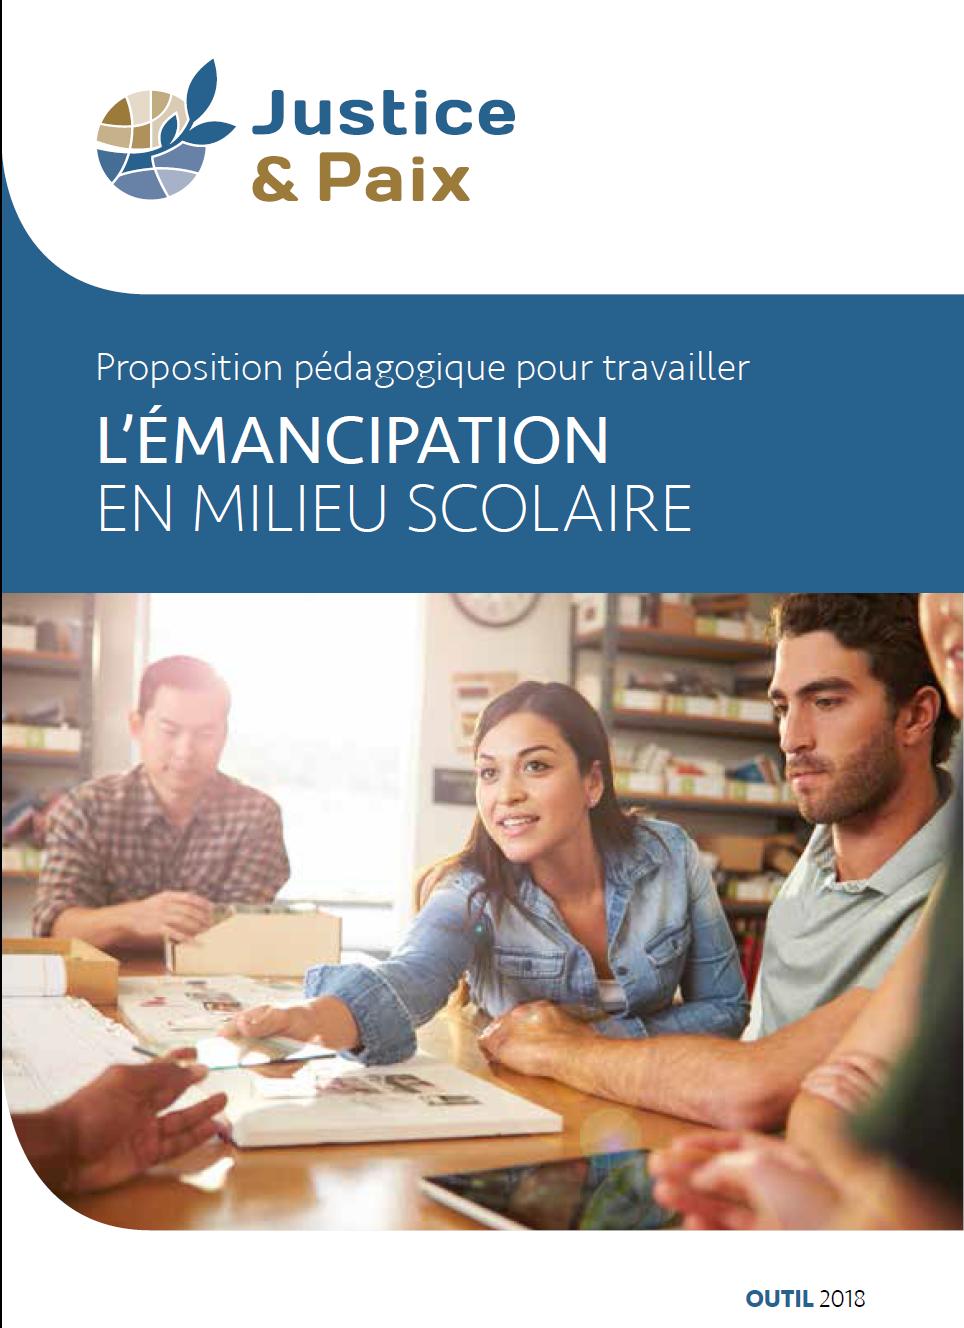 l_emancipation_en_milieu_scolaire.png